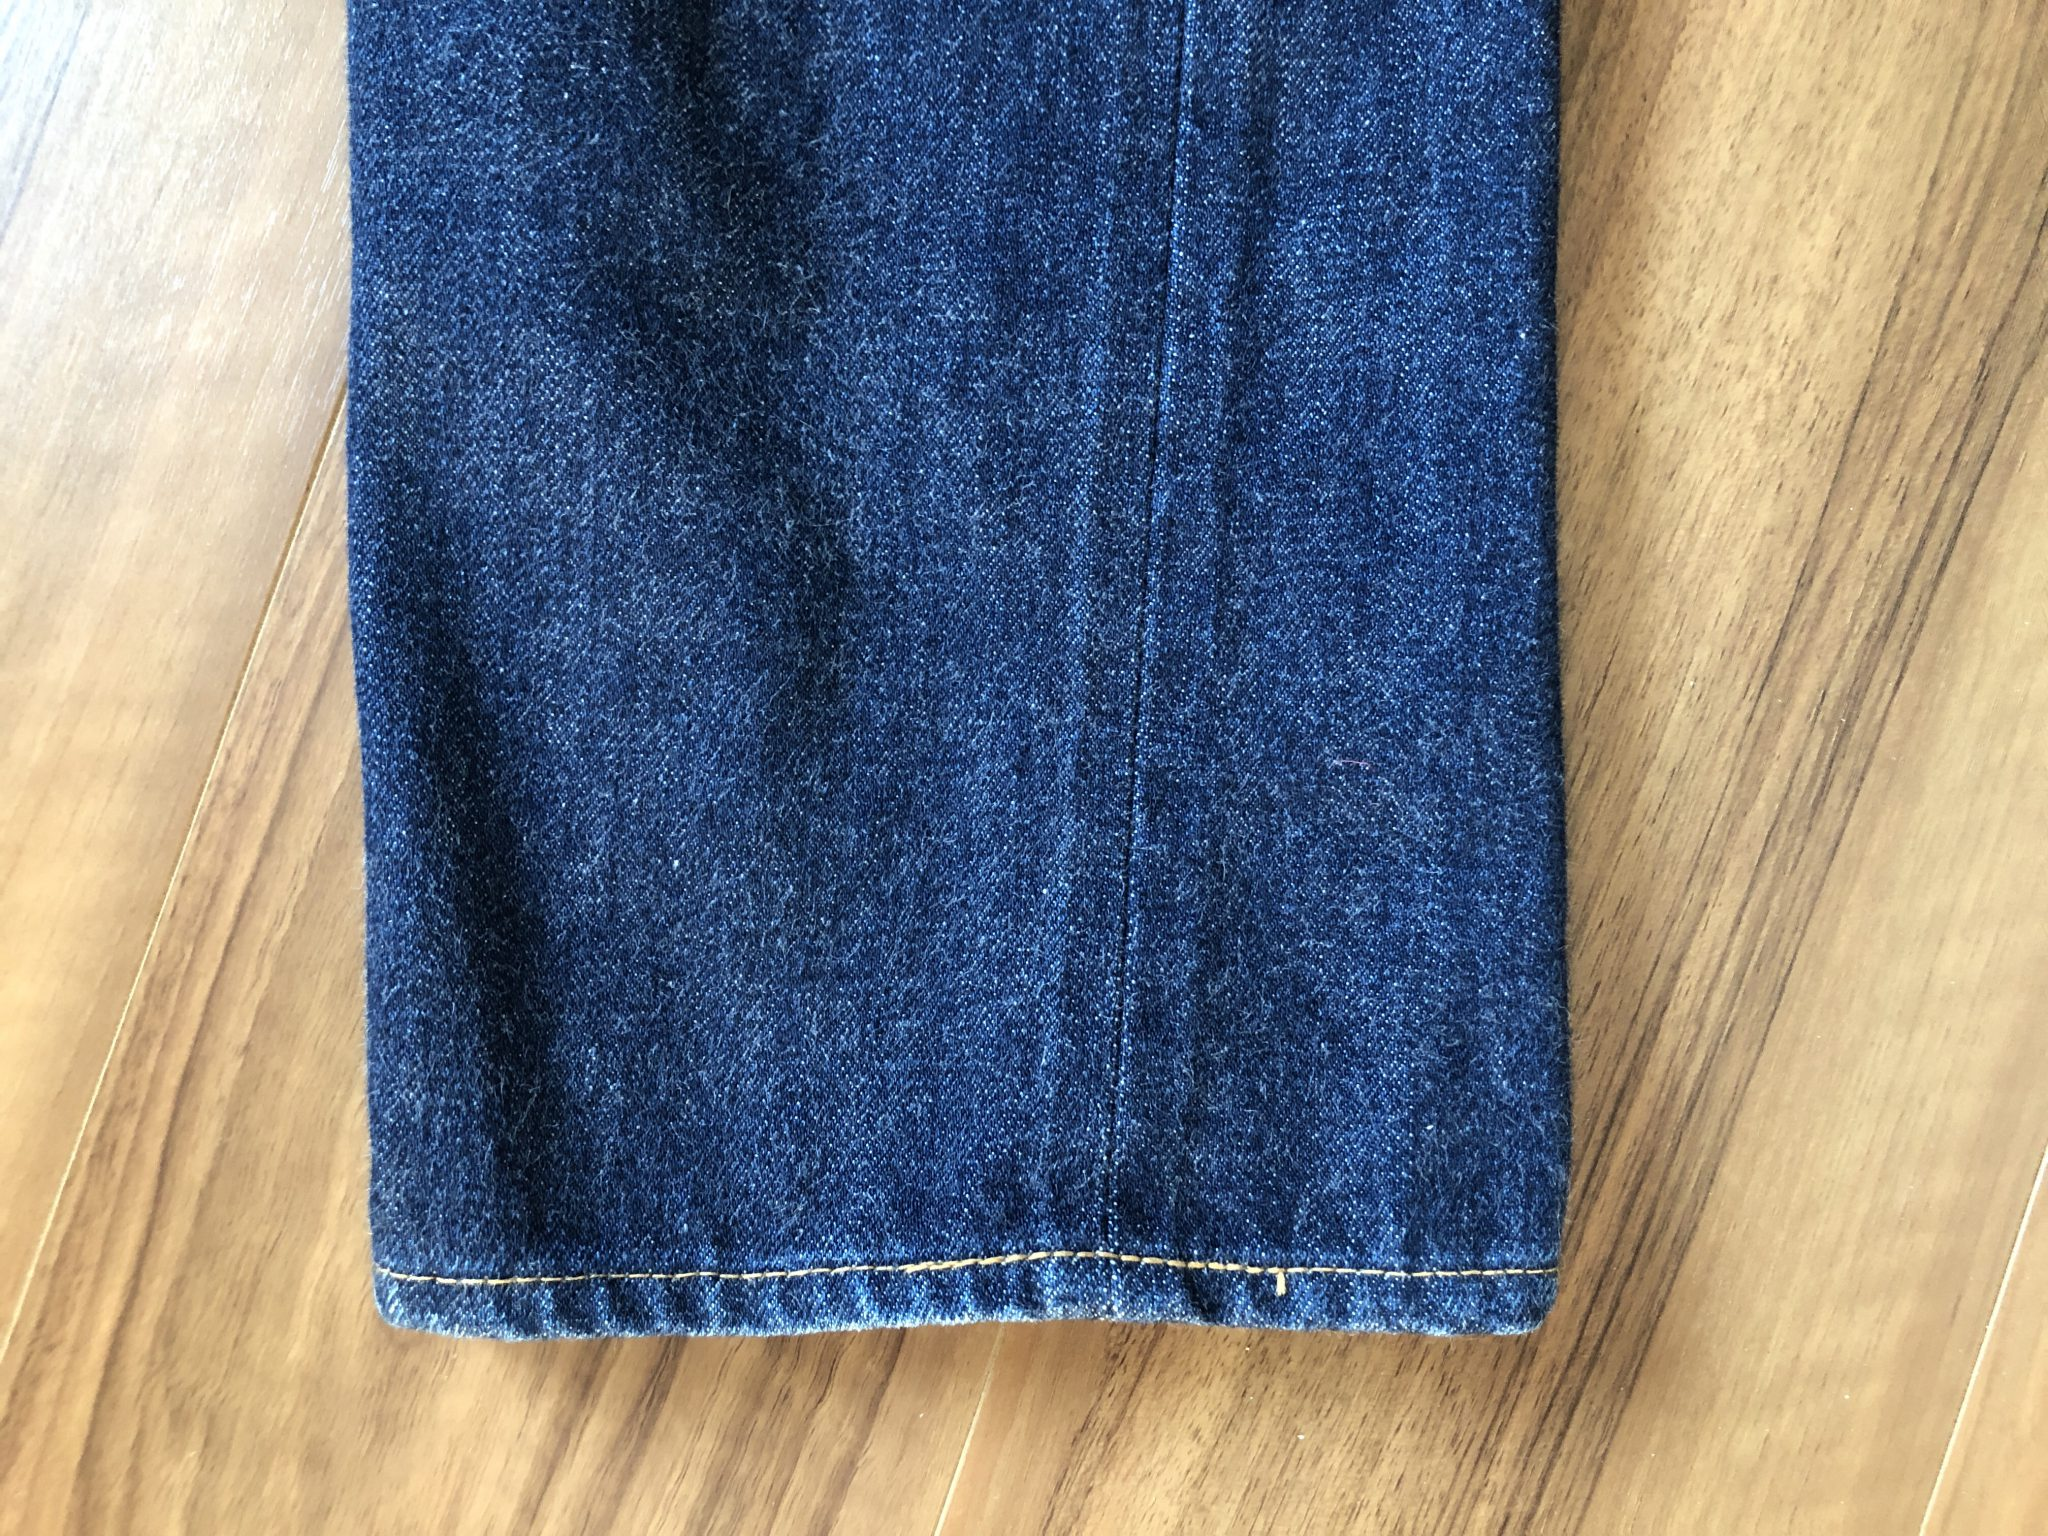 リゾルト Resolute 710 エイジング 経年変化 洗濯11回 スソ 裾